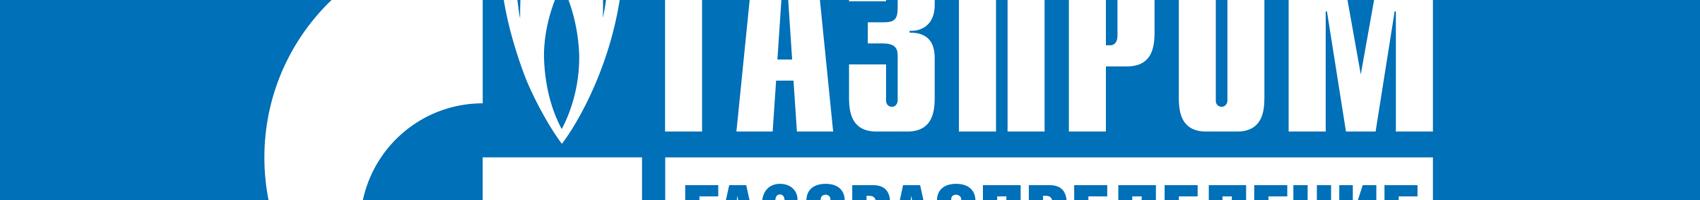 АО «Газпром газораспределение Краснодар» — деньги вперёд!